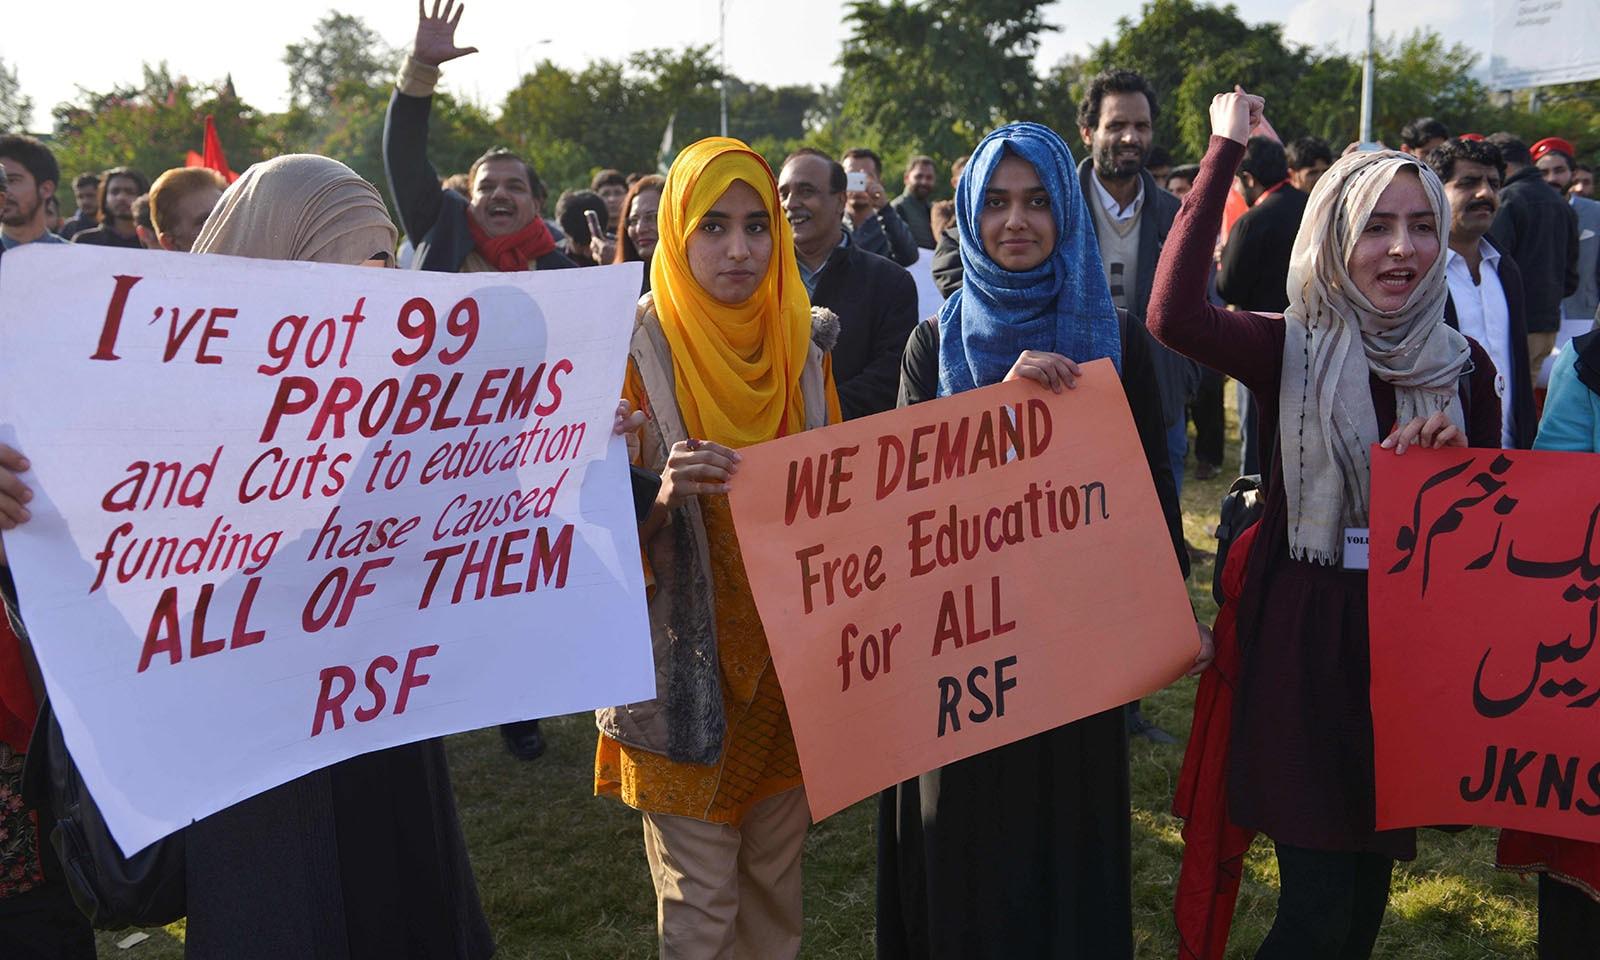 ایک پلے کارڈ پر لکھا تھا کہ تمام مسائل کی وجہ تعلیم کے بجٹ میں کمی ہے — فوٹو: اے ایف پی